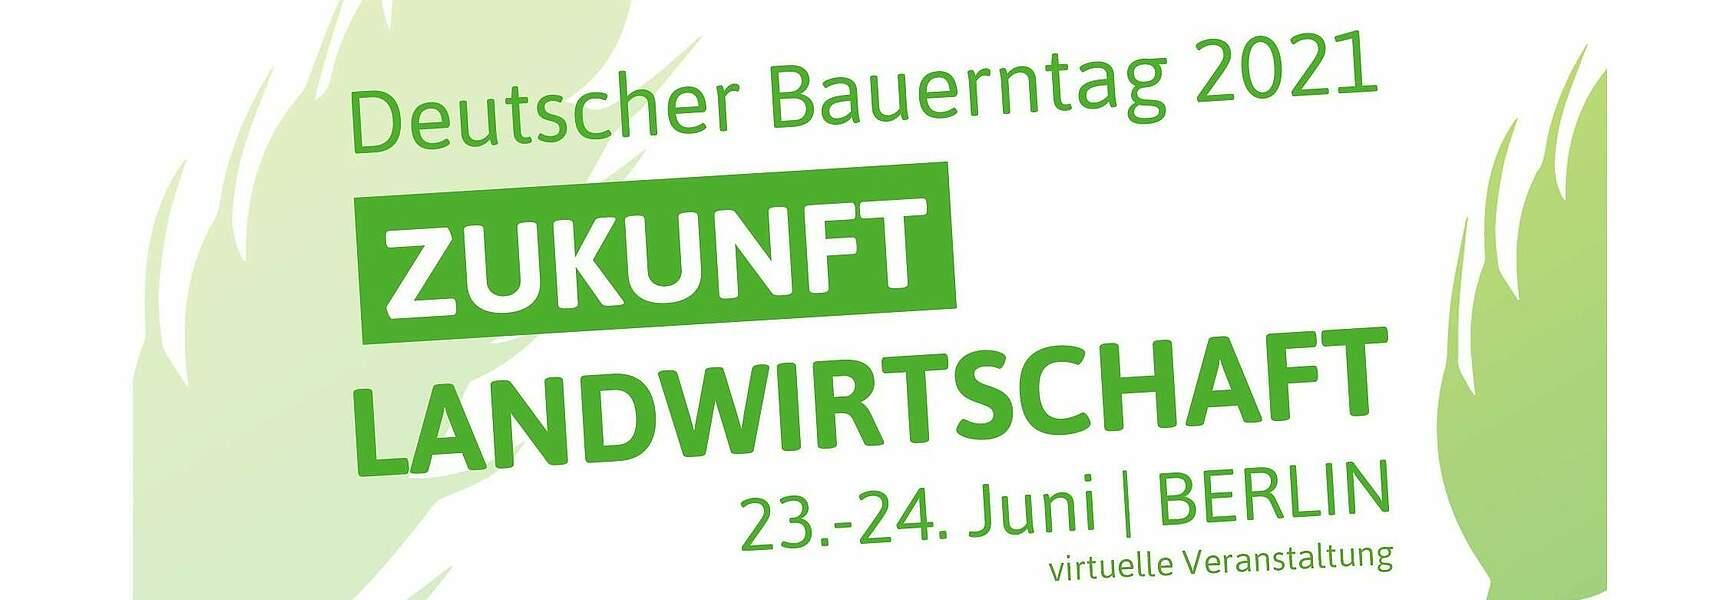 Deutscher Bauerntag 2021